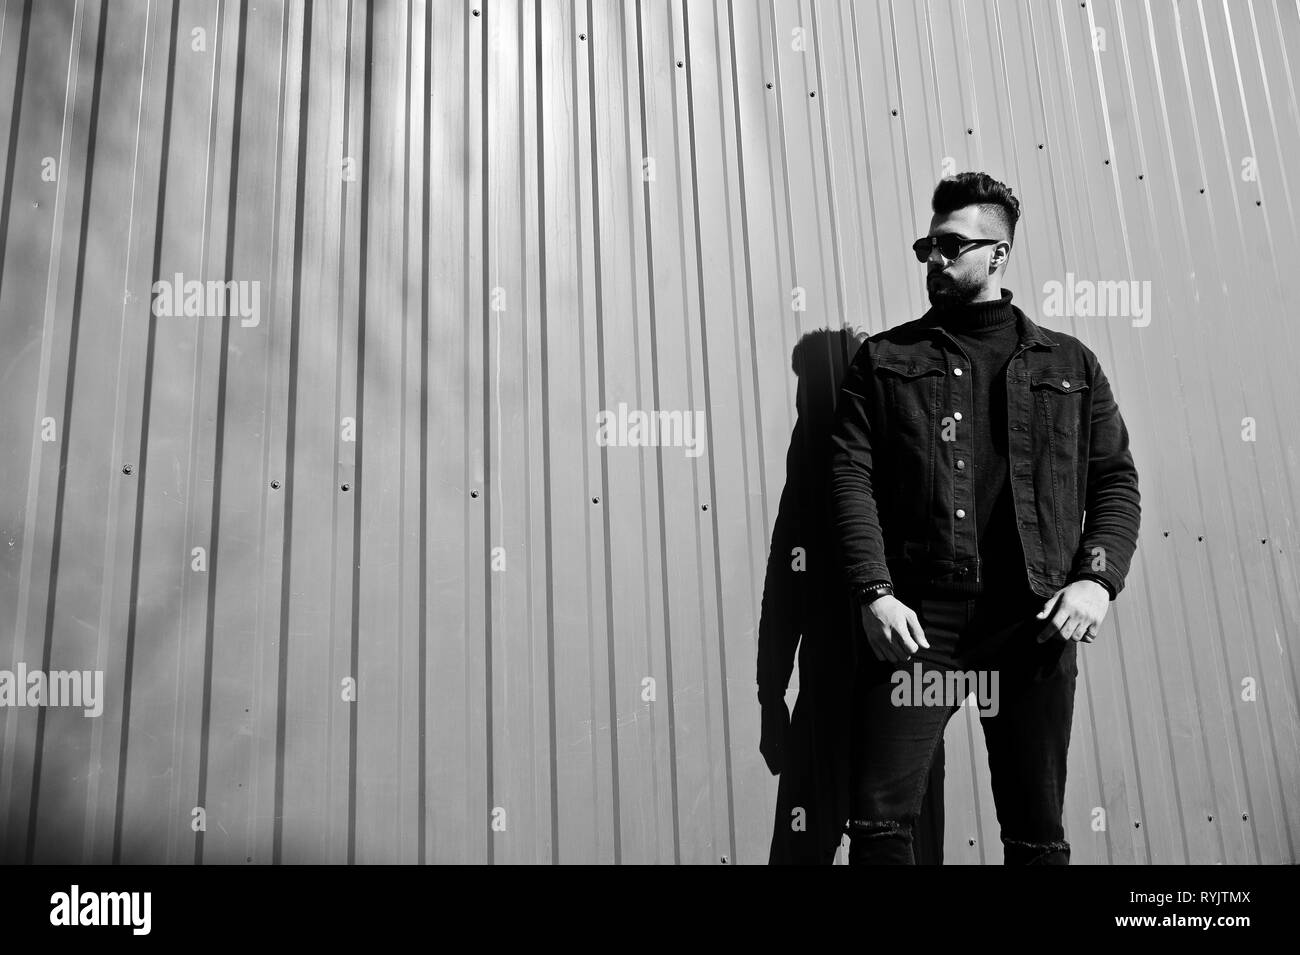 new style e416b feb48 Moda uomo arabo usura sul nero camicia di jeans e occhiali ...